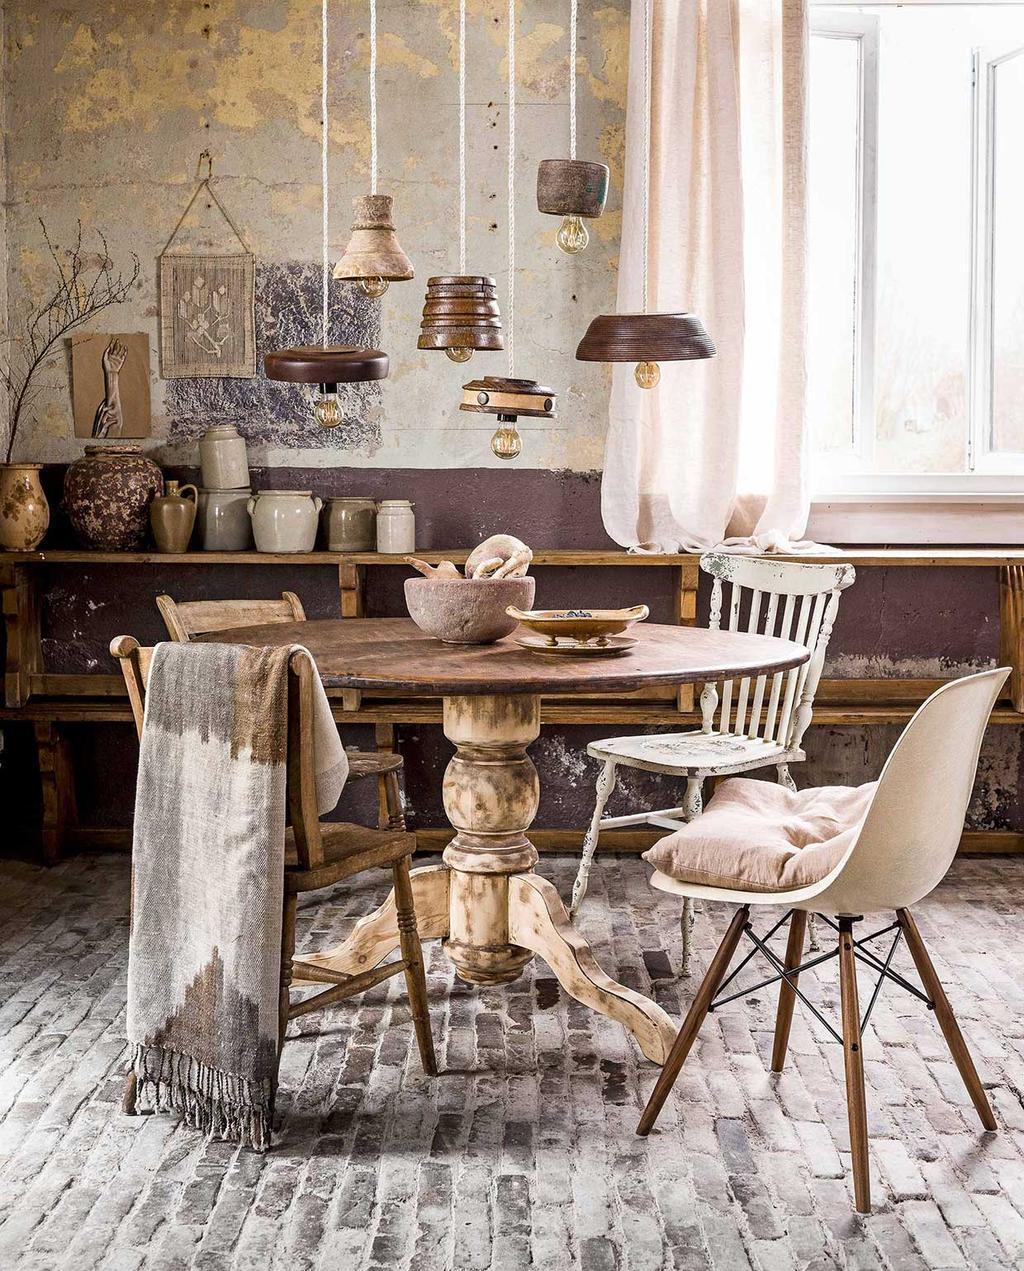 vtwonen 06-2017 | tweedehands eetkamer met houten tafel, houten stoelen, vasen op de achtergrond